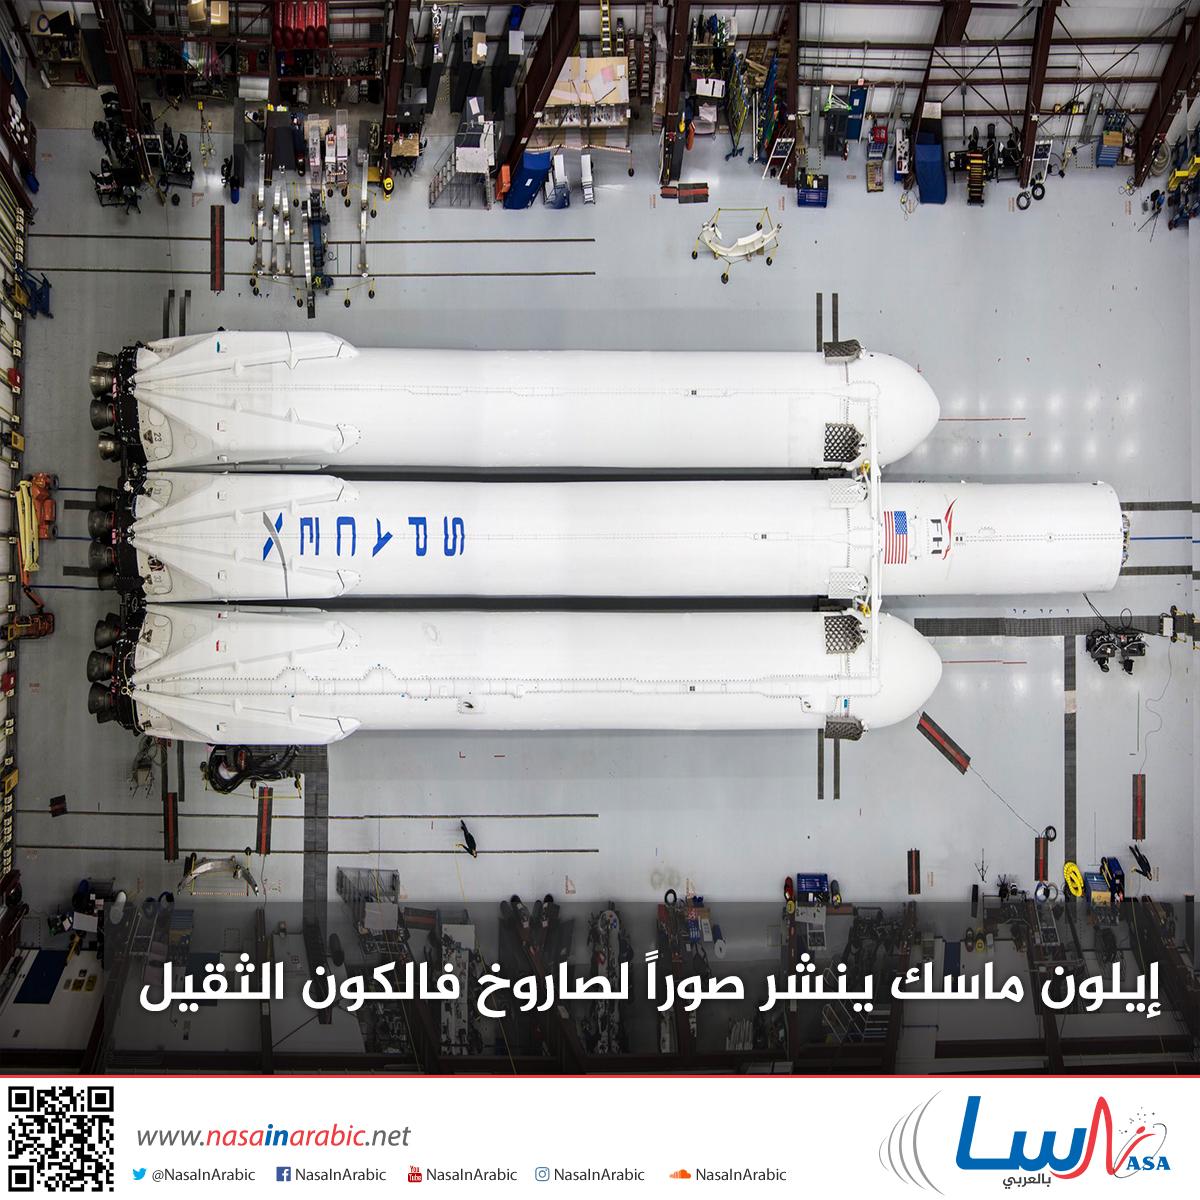 إيلون ماسك ينشر صوراً لصاروخ فالكون الثقيل